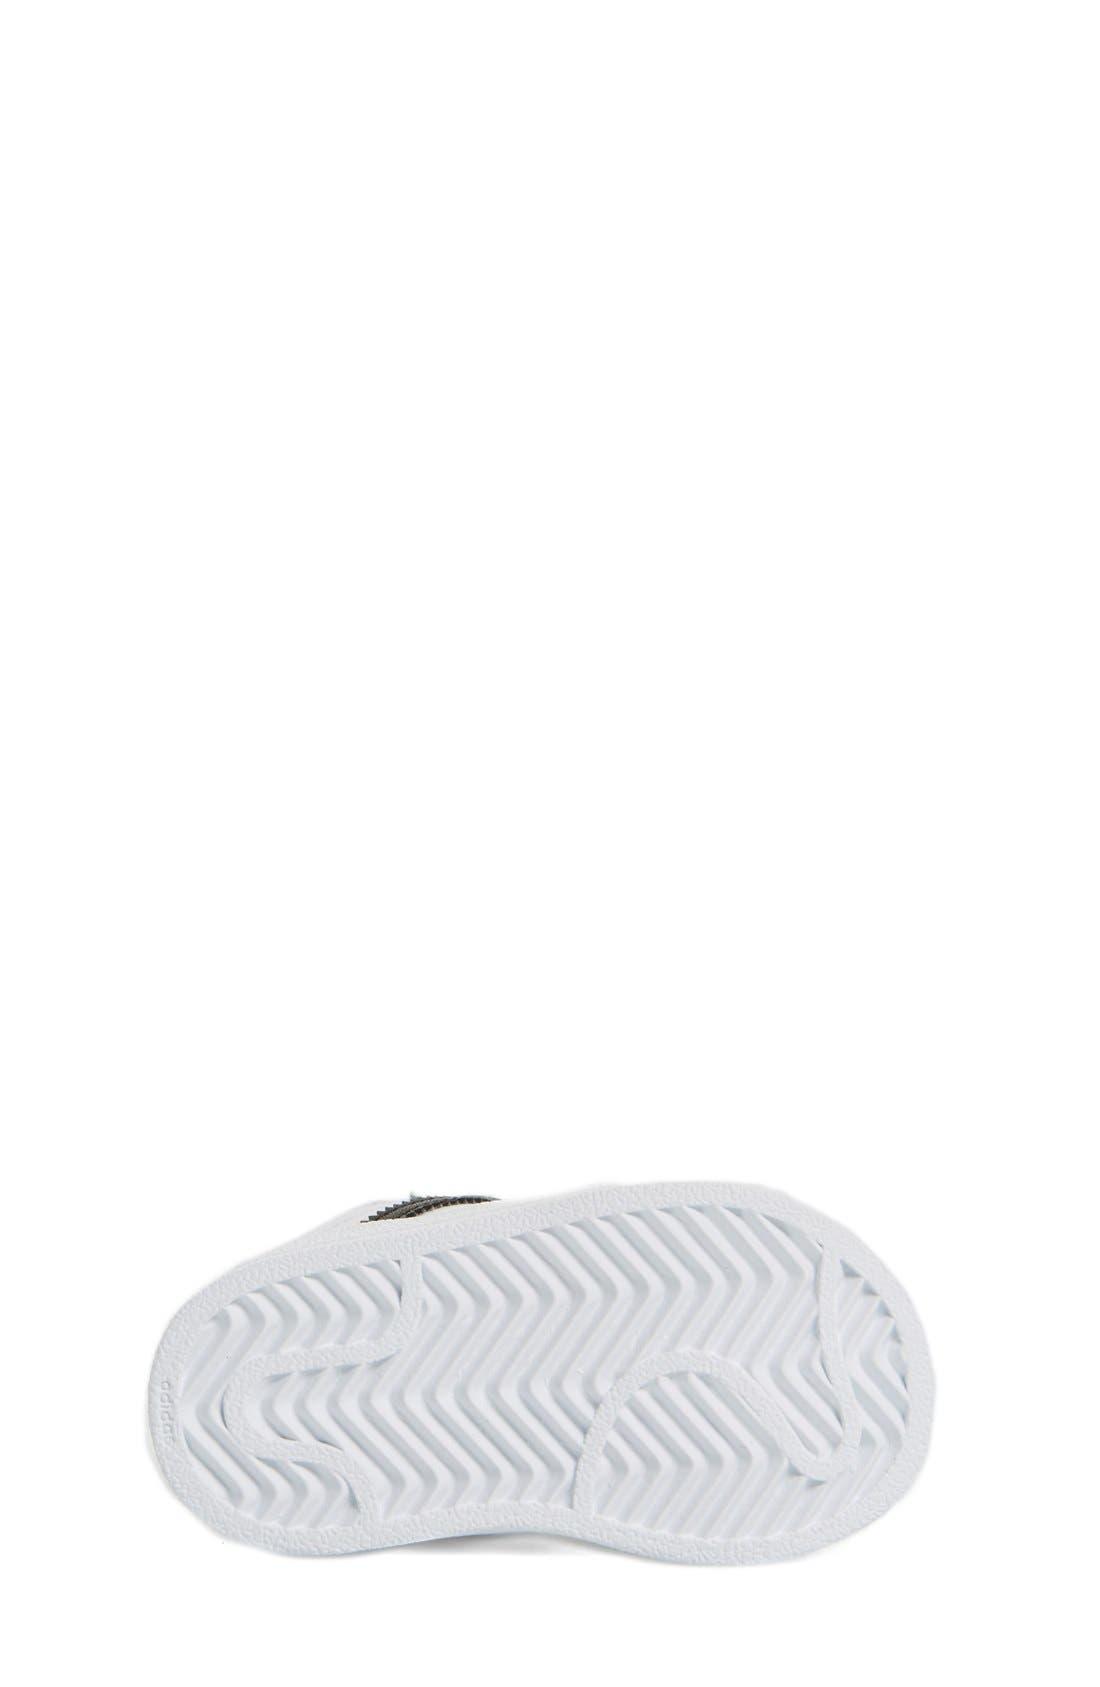 'Superstar' Sneaker,                             Alternate thumbnail 4, color,                             White/ Black